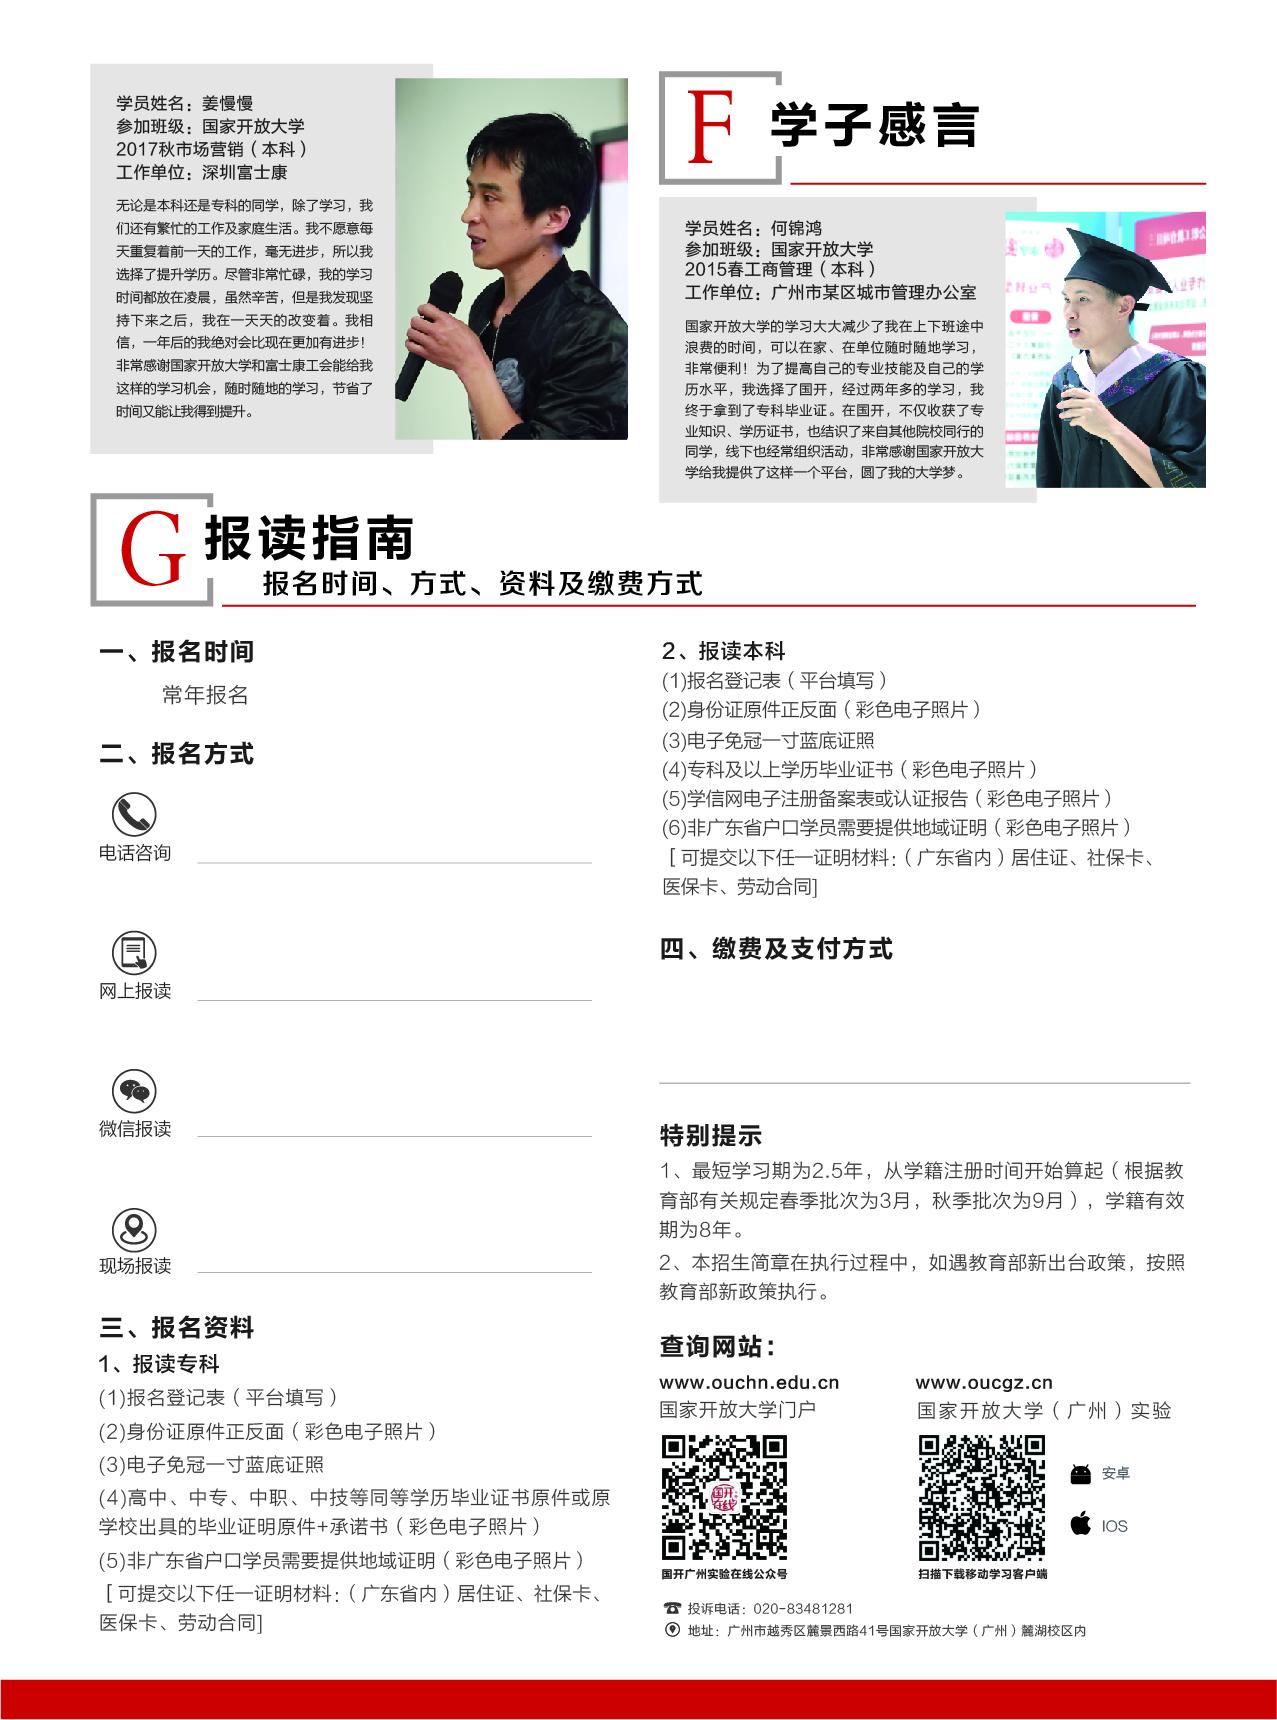 新06.21广州招生简章-08.jpg